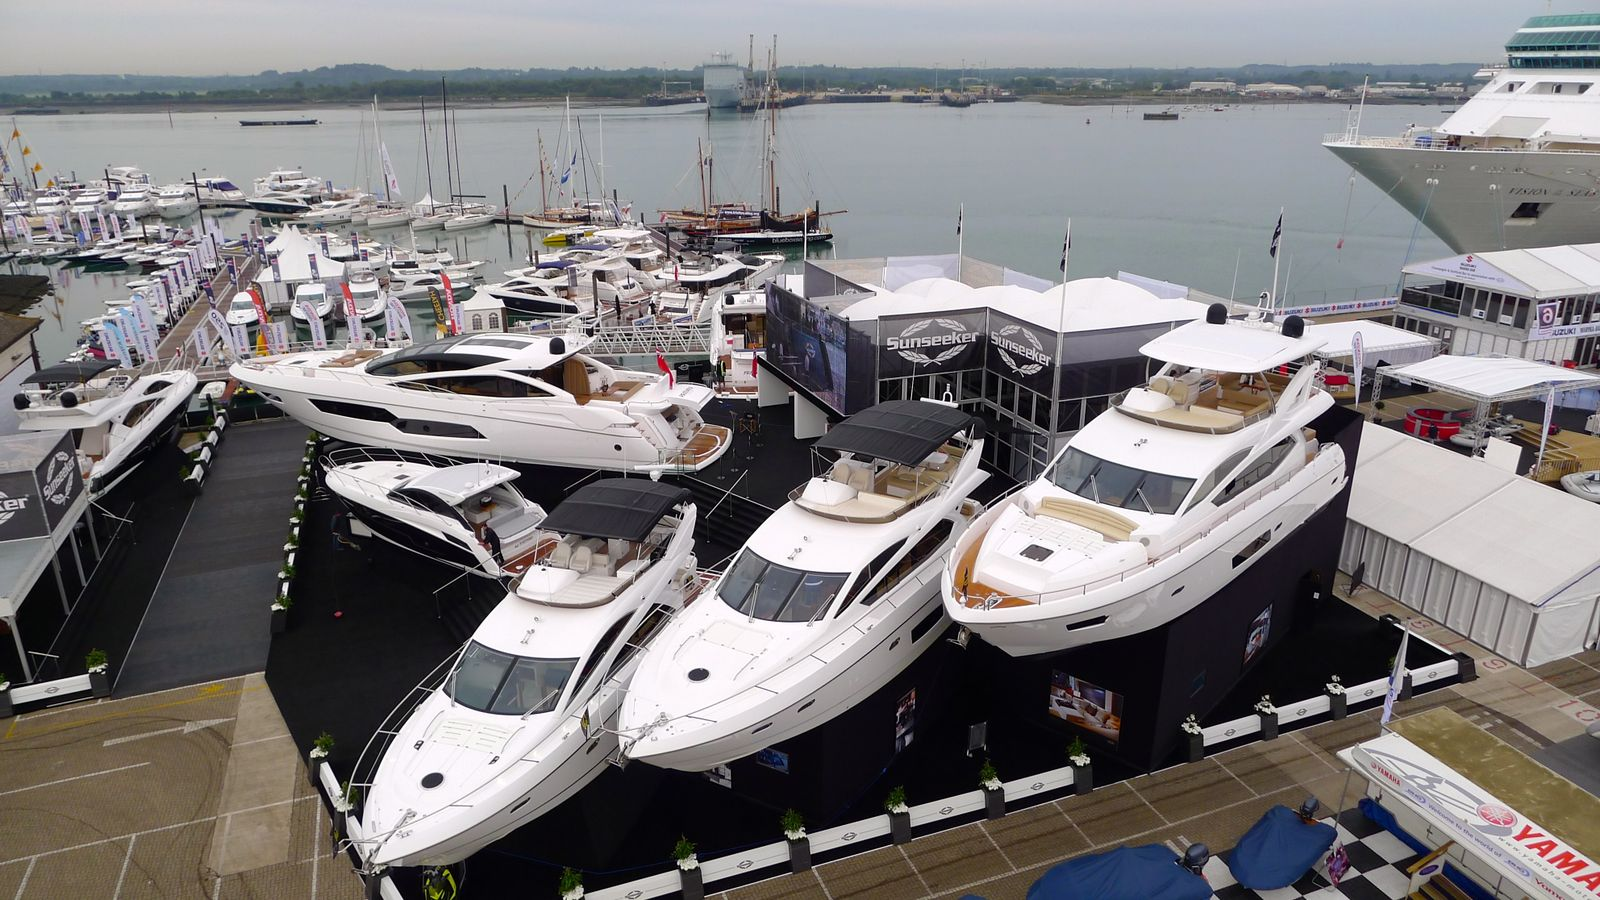 luxury garage ideas - Sunseeker Manhattan 73 — Luxury Yacht Charter & Superyacht